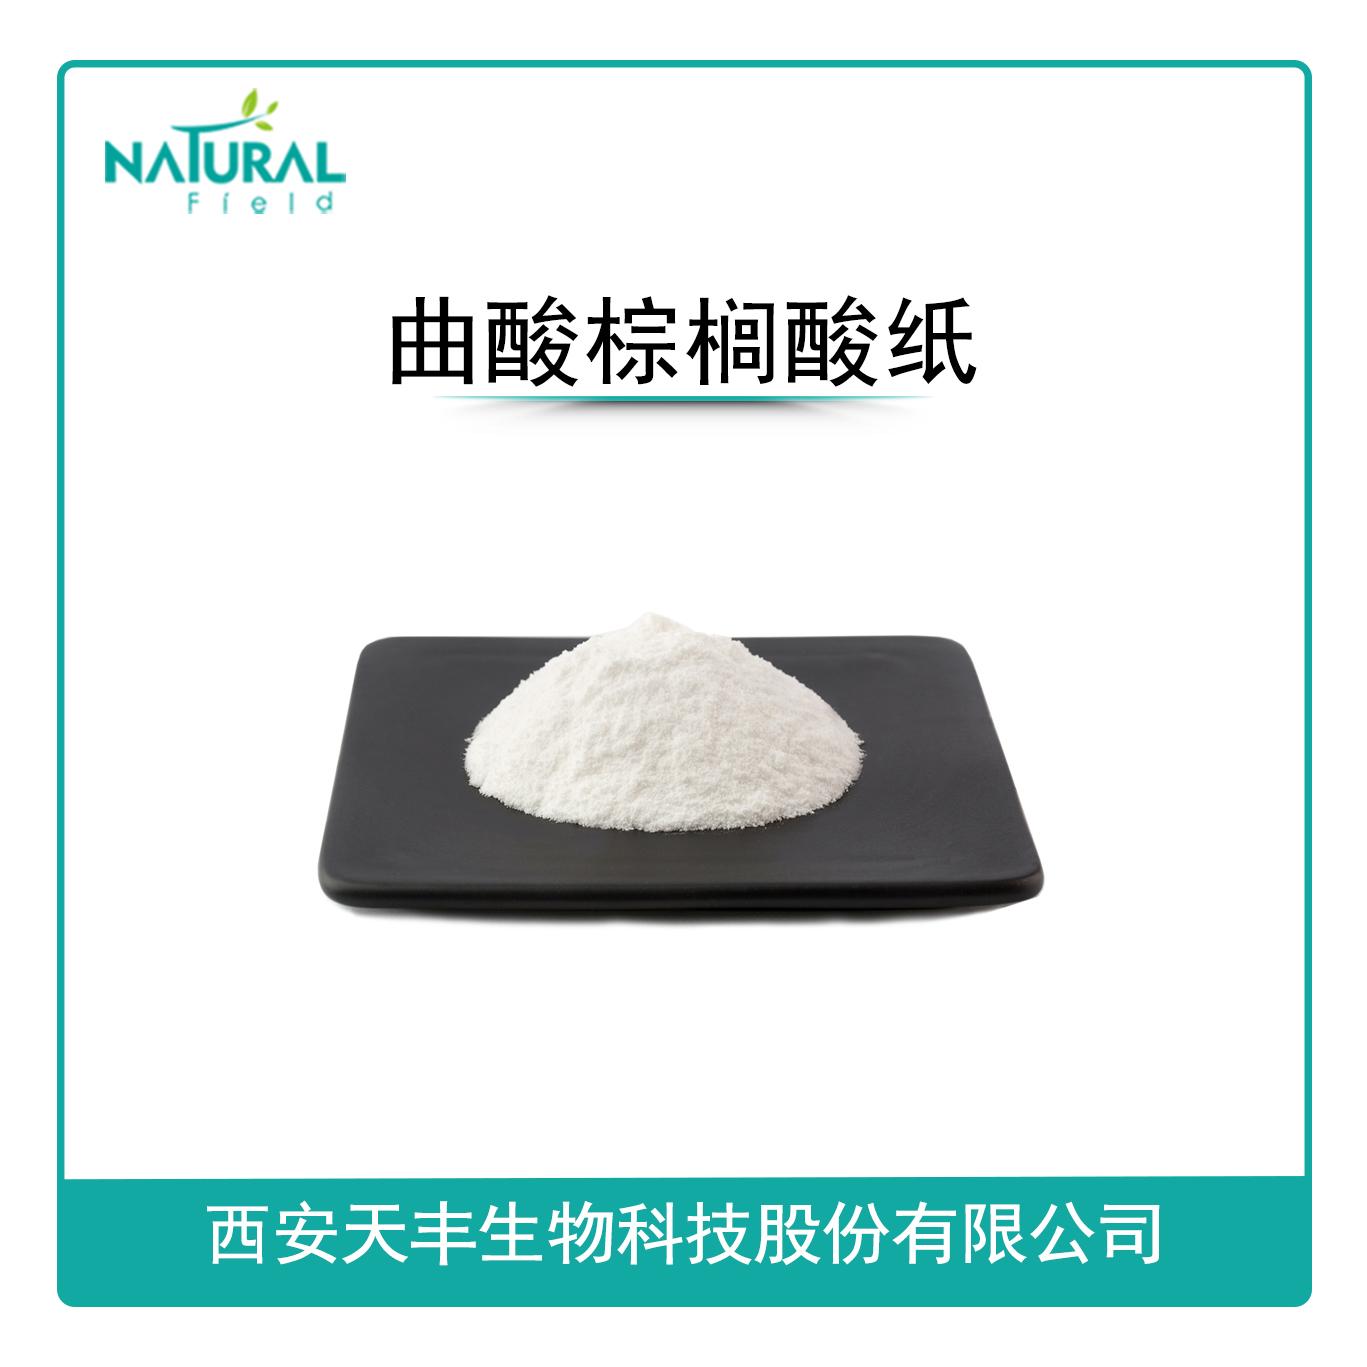 曲酸棕榈酸酯